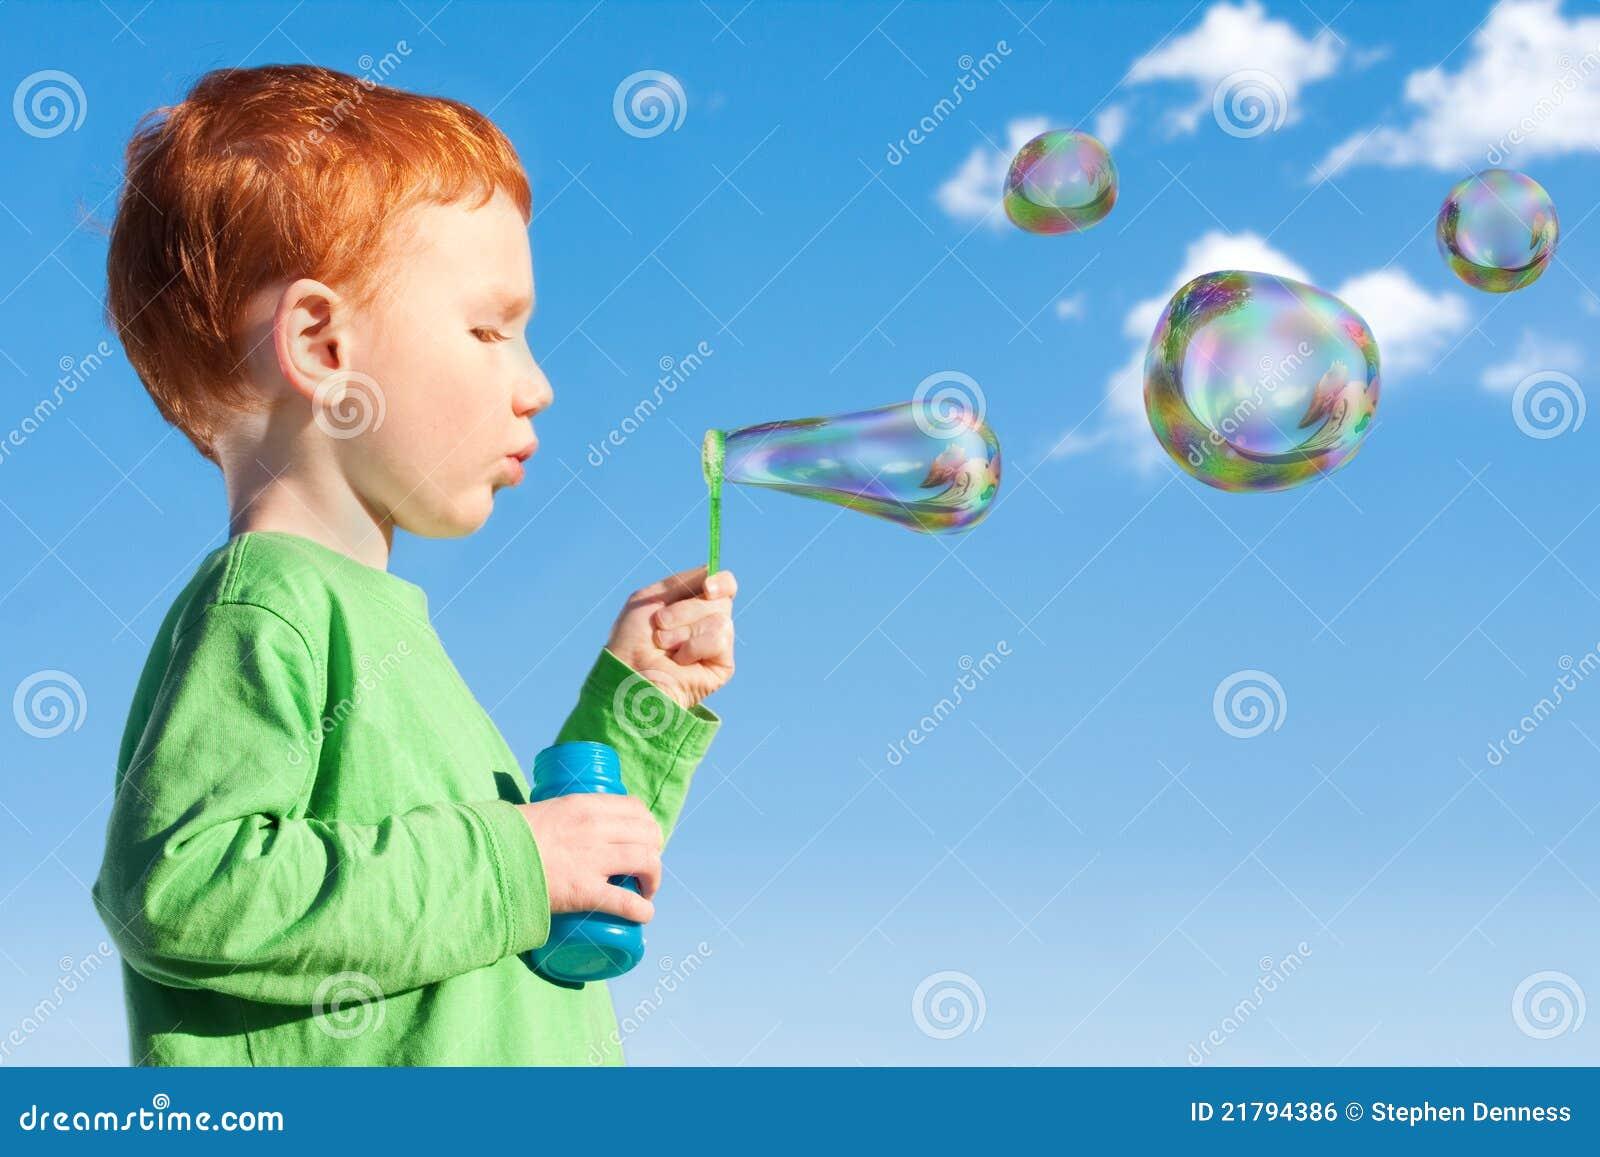 Пузыри из попы фото, Герпес на попе: фото, причины, лечение 21 фотография